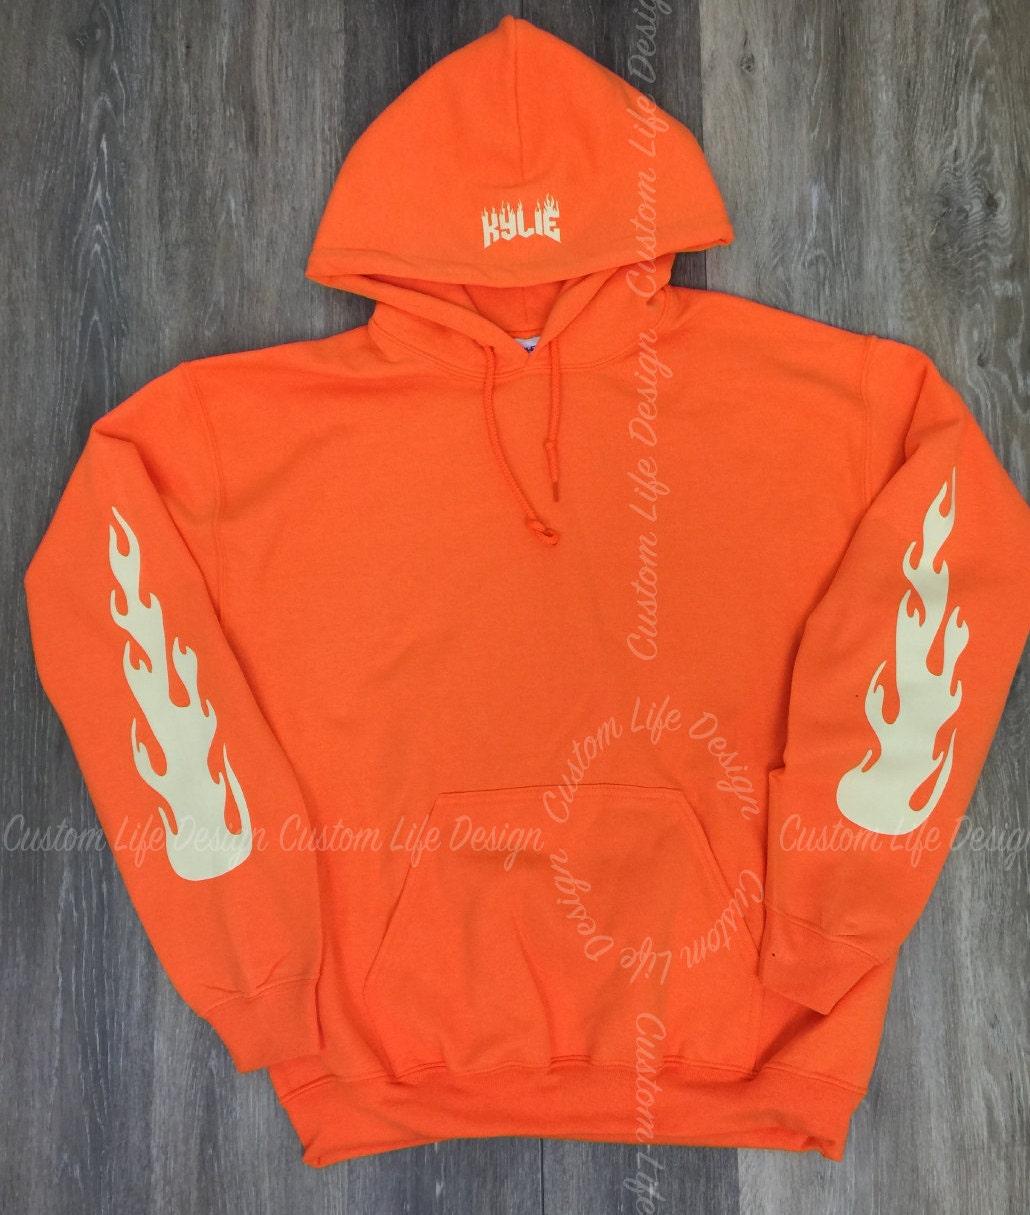 kylie jenner fire hoodie orange the kylie pop up shop. Black Bedroom Furniture Sets. Home Design Ideas